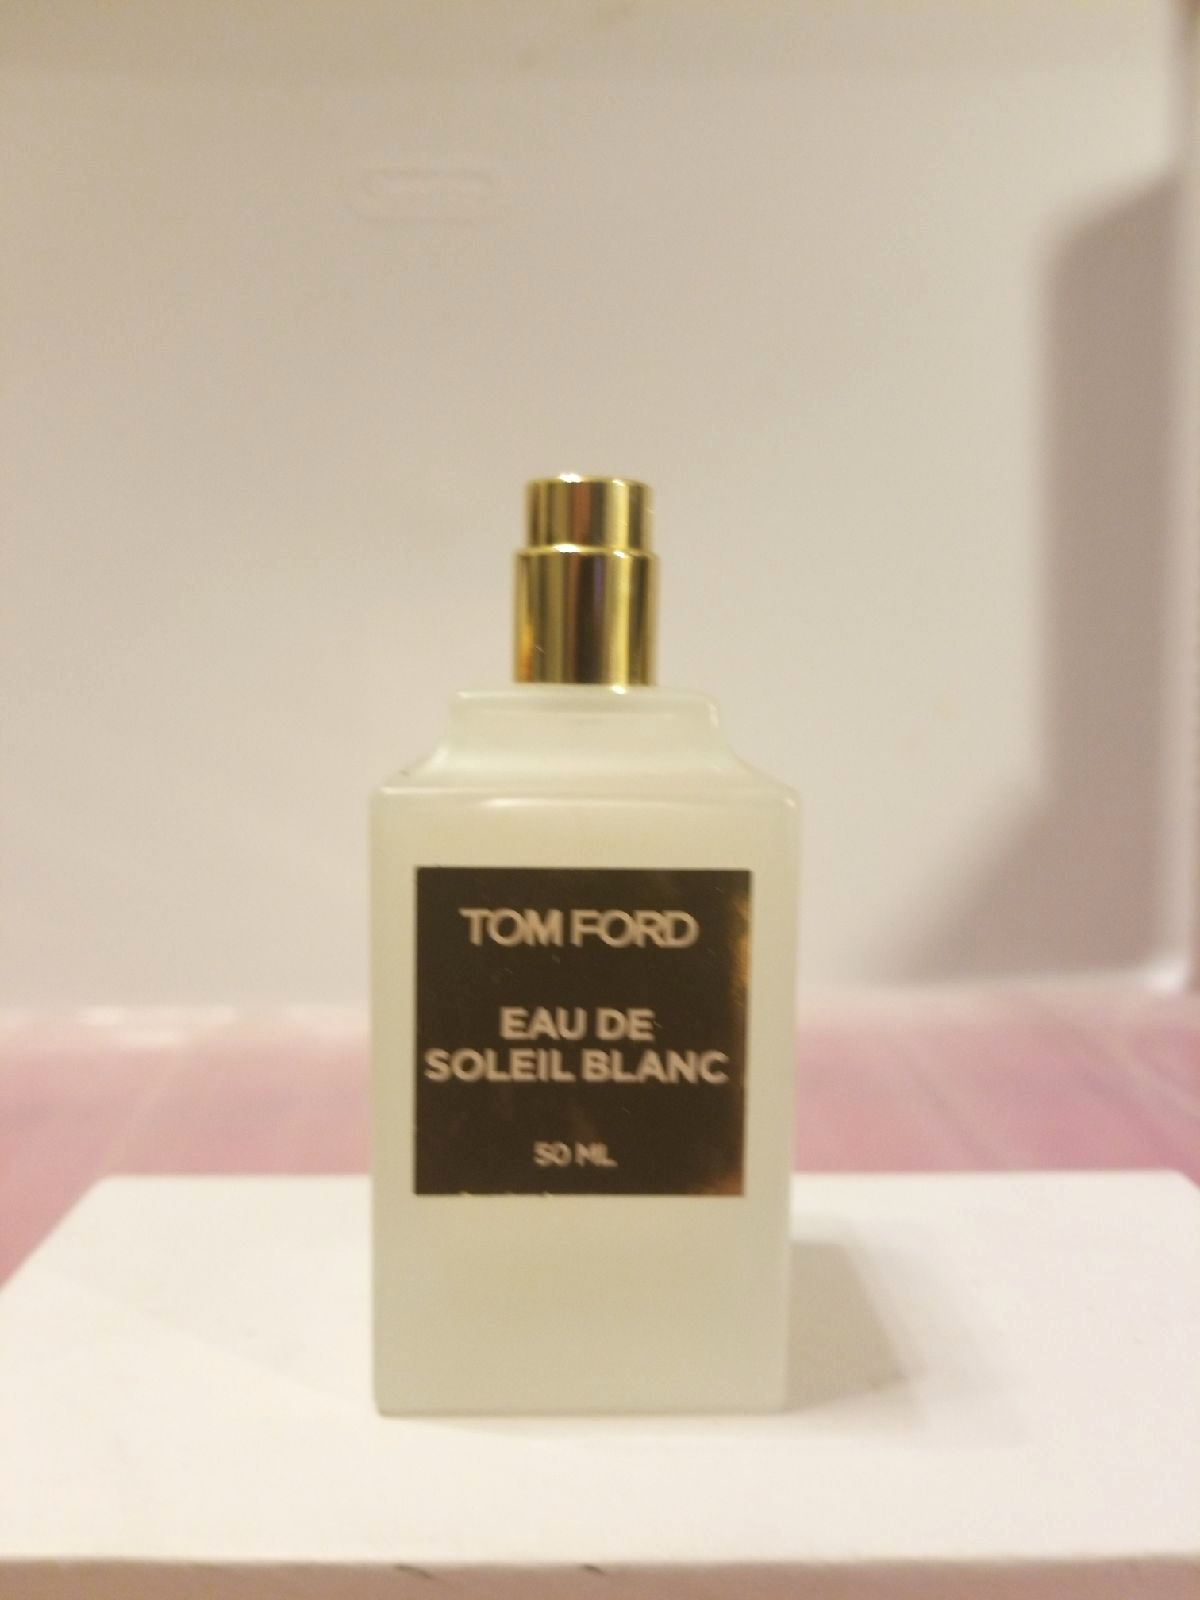 100 Authentic Tom Ford Eau De Soleil Blanc Eau De Toilette Vaporisateur Spray 50ml Or 1 7 Fl Oz This Bottle Is 99 Full Only Perfume Perfume Bottles Fragrance